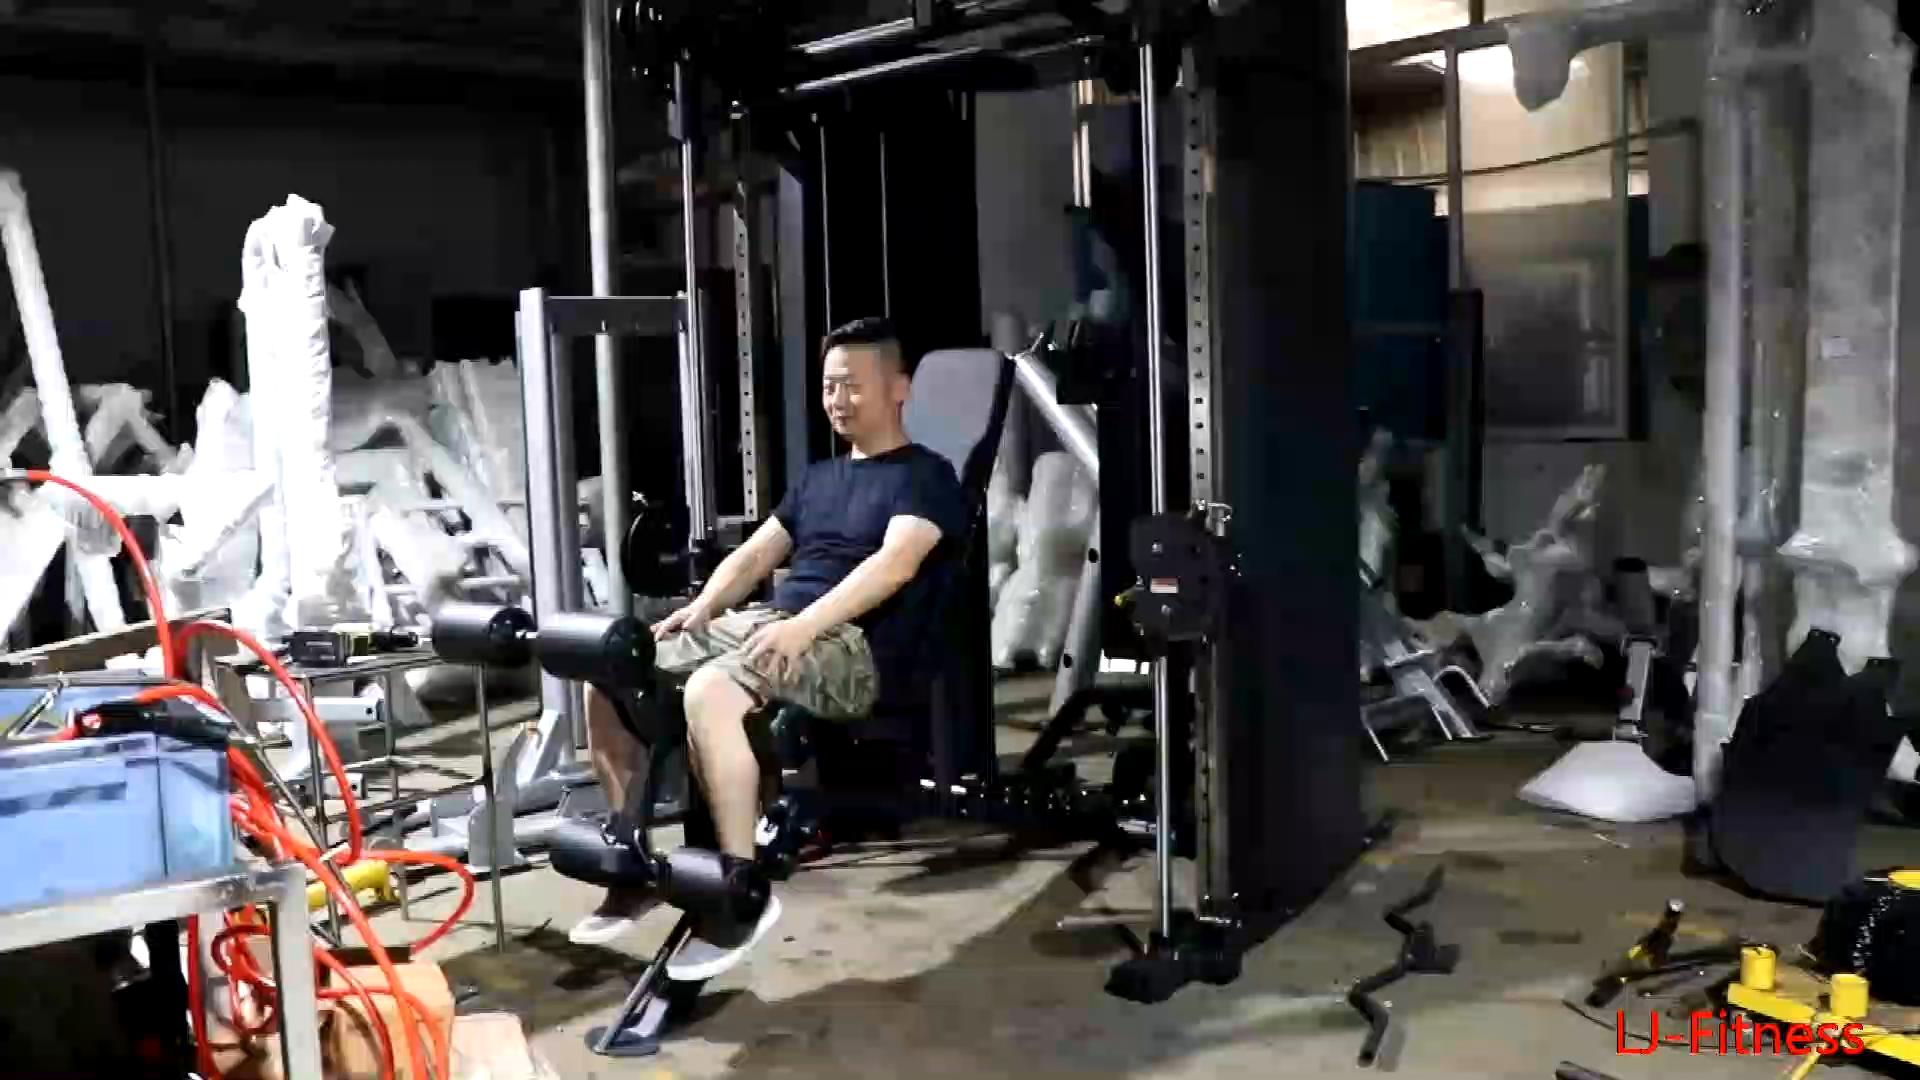 יוקרה חדשה סגנון מסחרי רב תפקודי מאמן כוח מתלה חדר כושר ציוד מכונת תרגיל